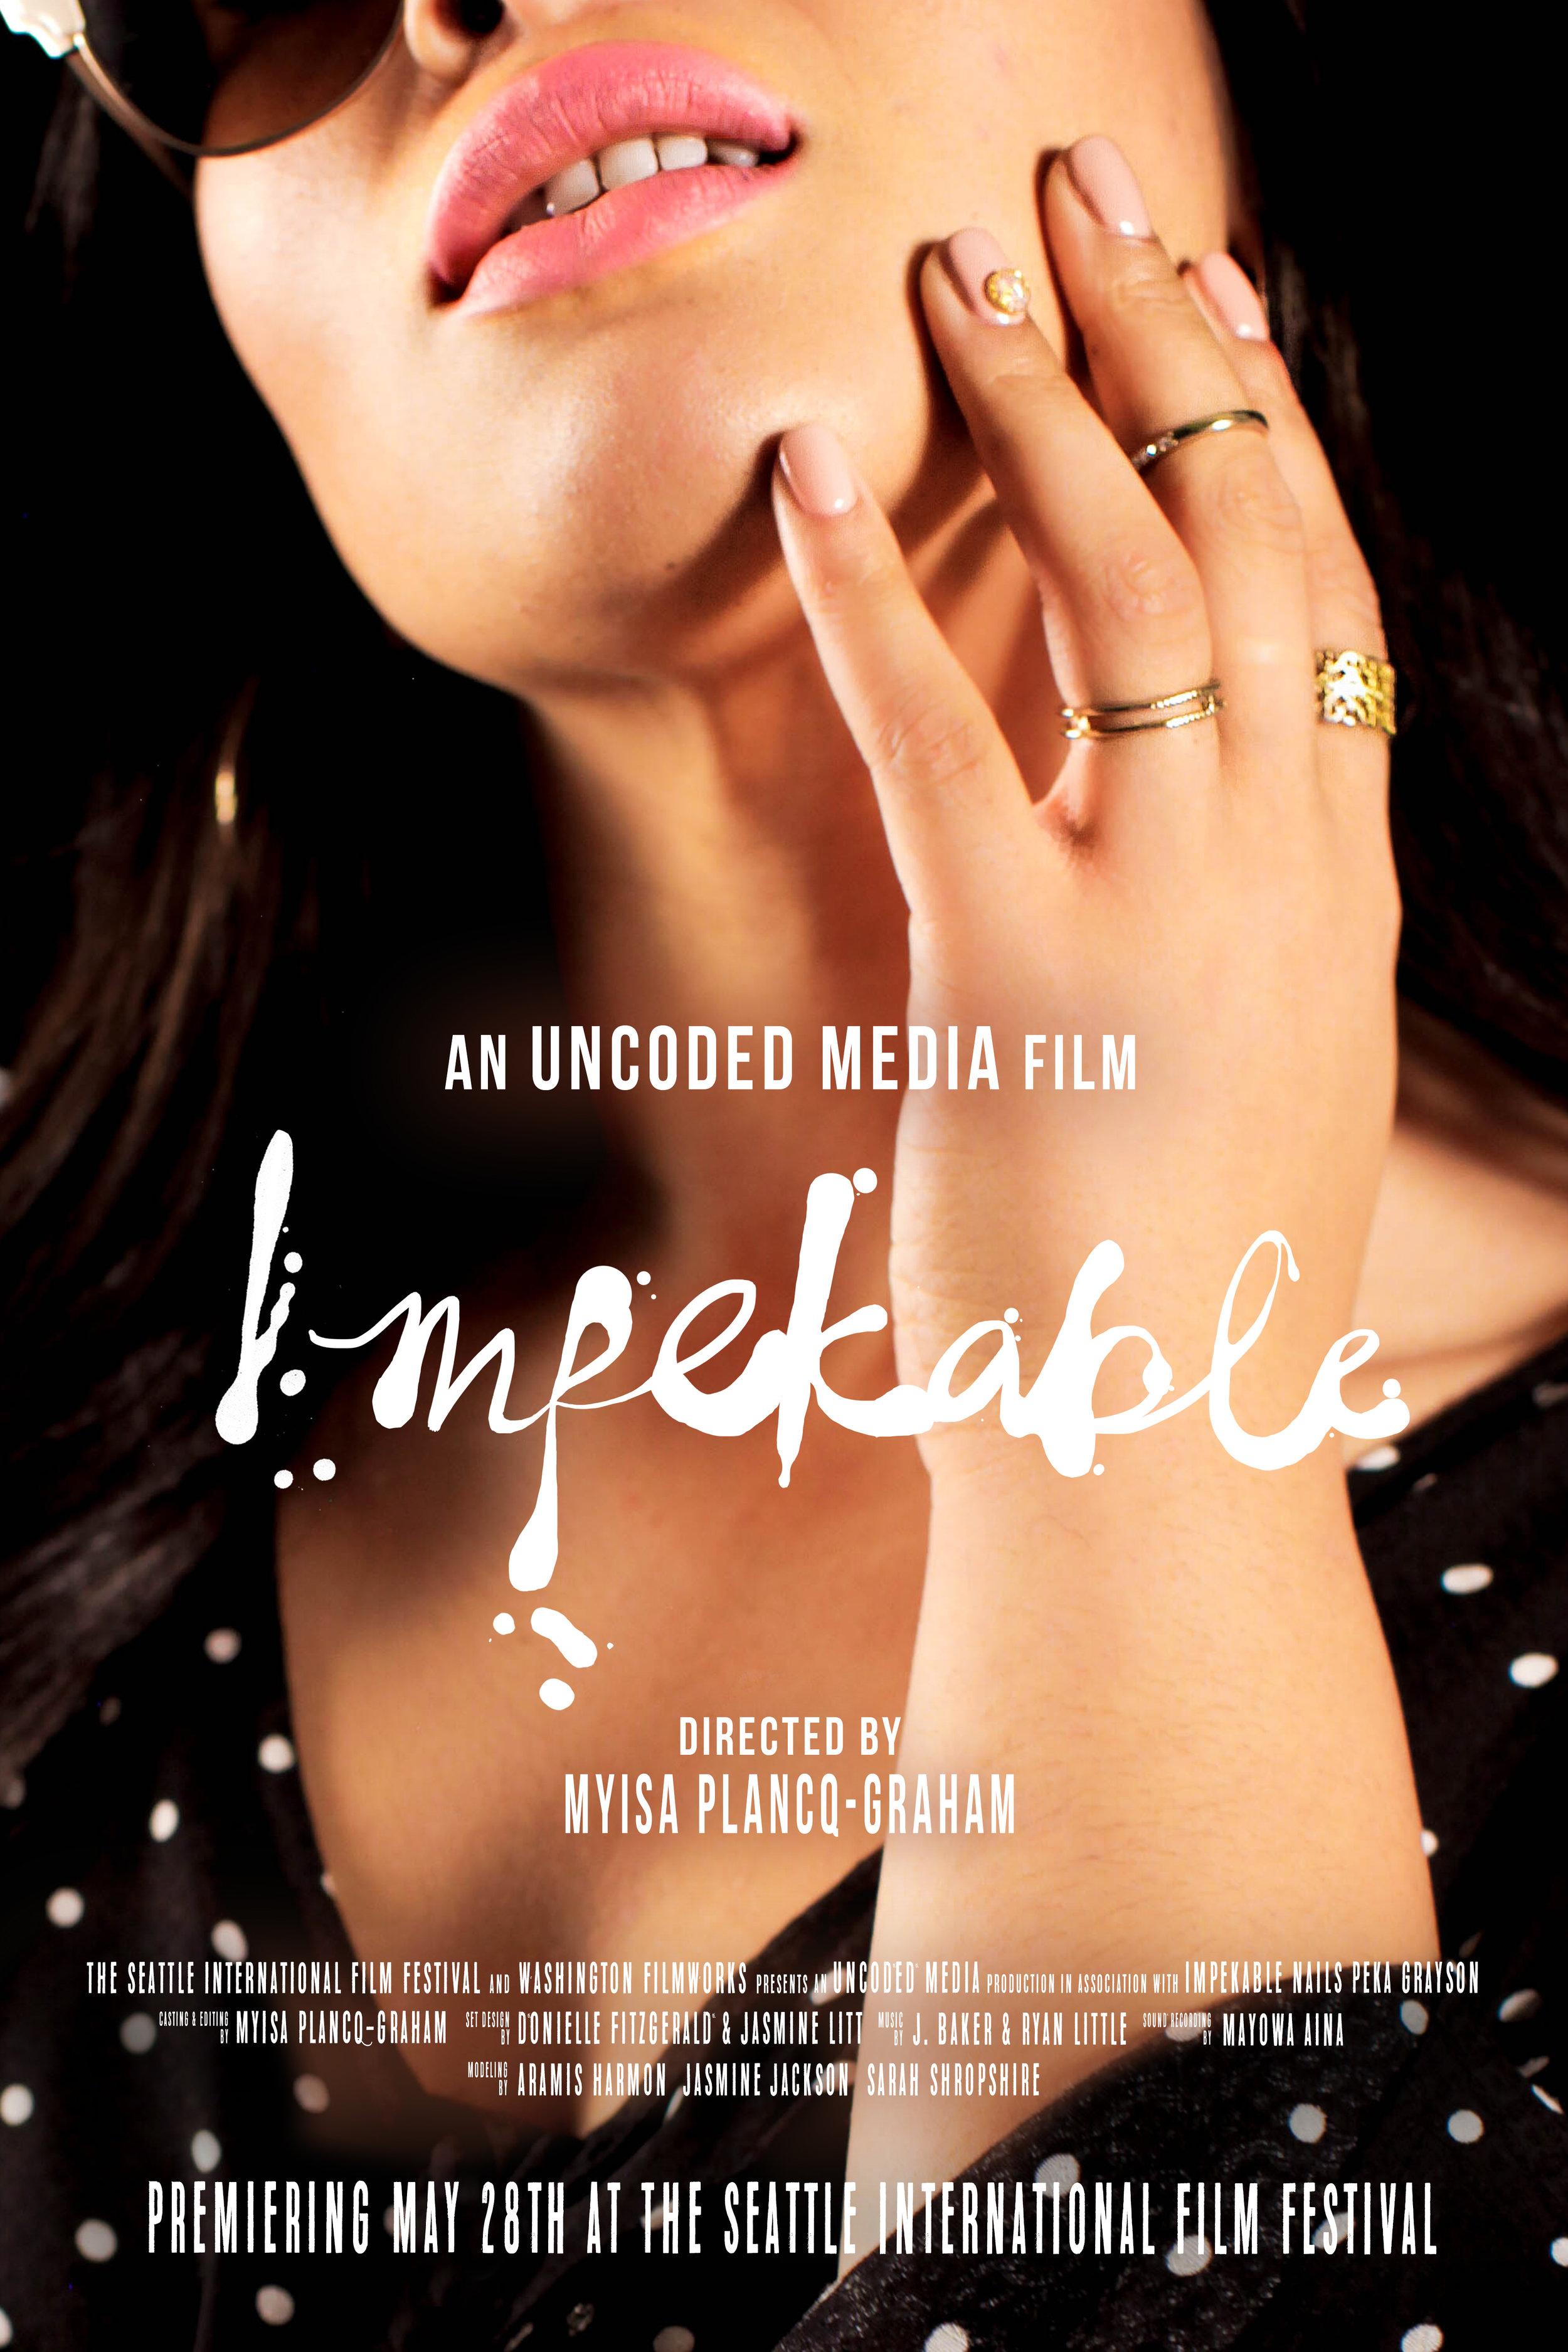 Impekable_Movie_Flyer (1).jpg